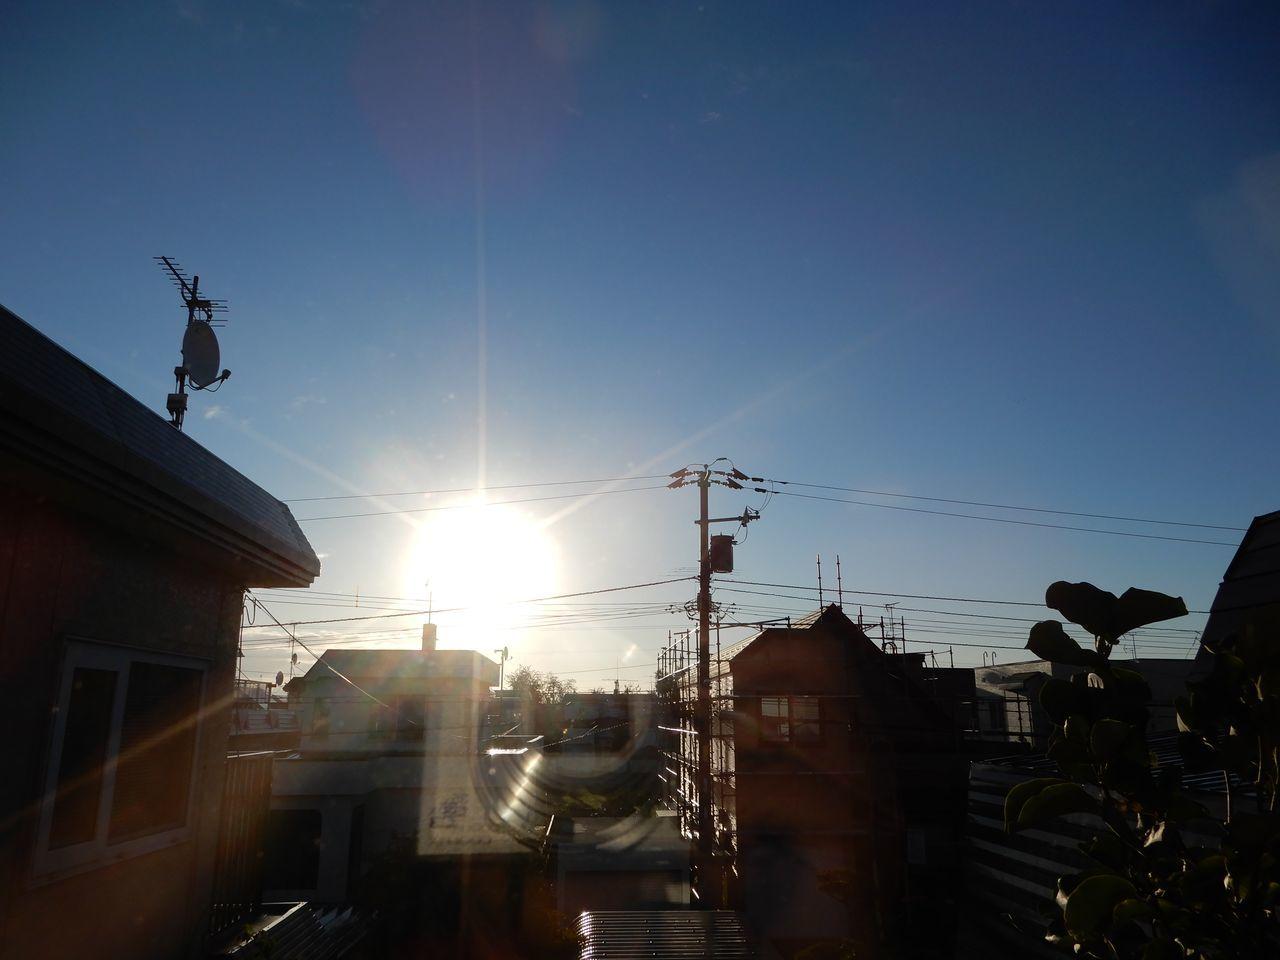 寒いながらも天候は回復_c0025115_21275190.jpg